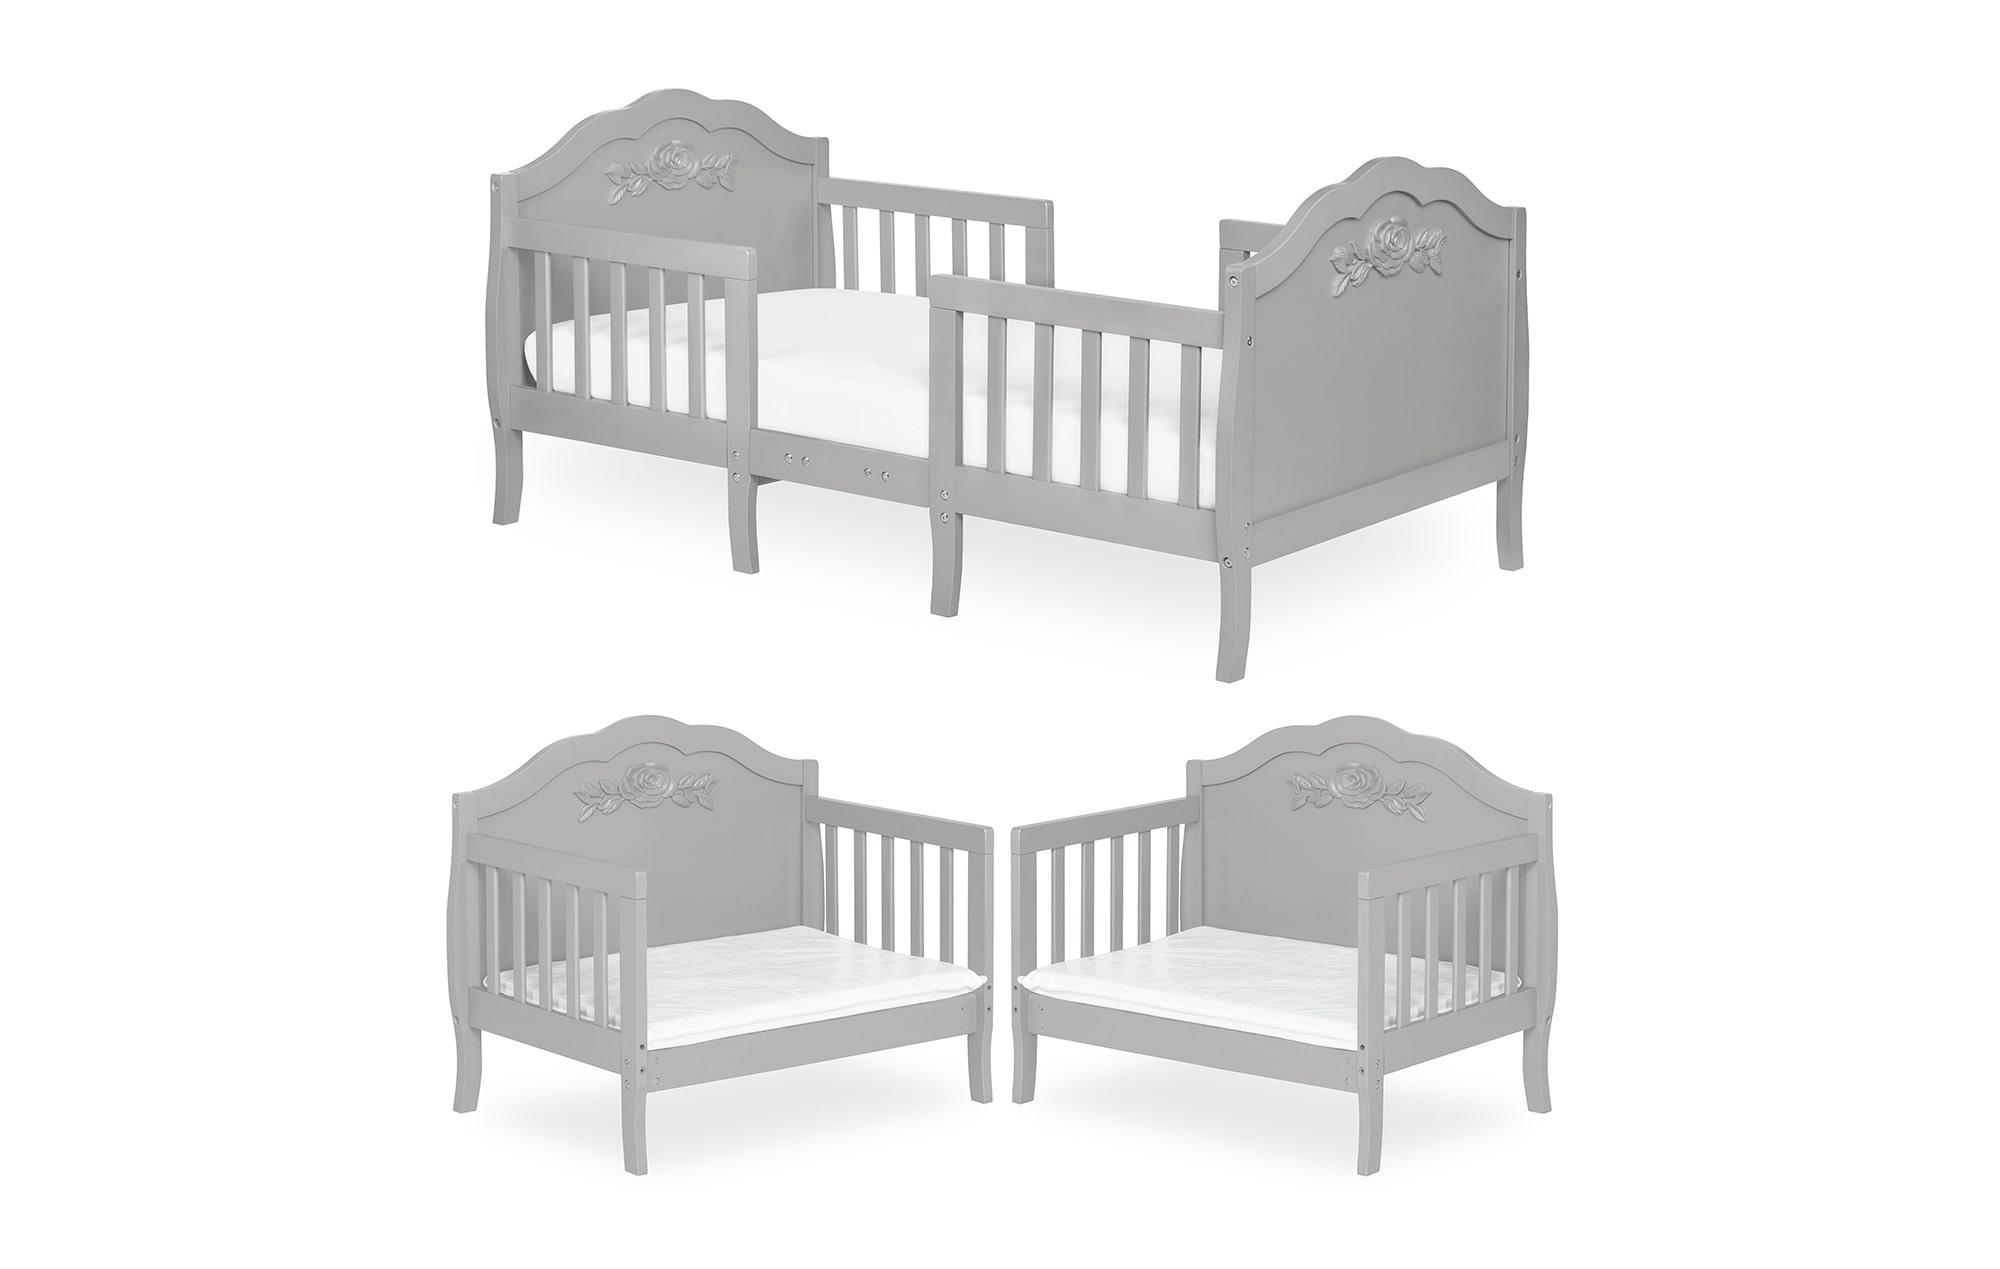 640_PLTM Rose Toddler Bed College 1